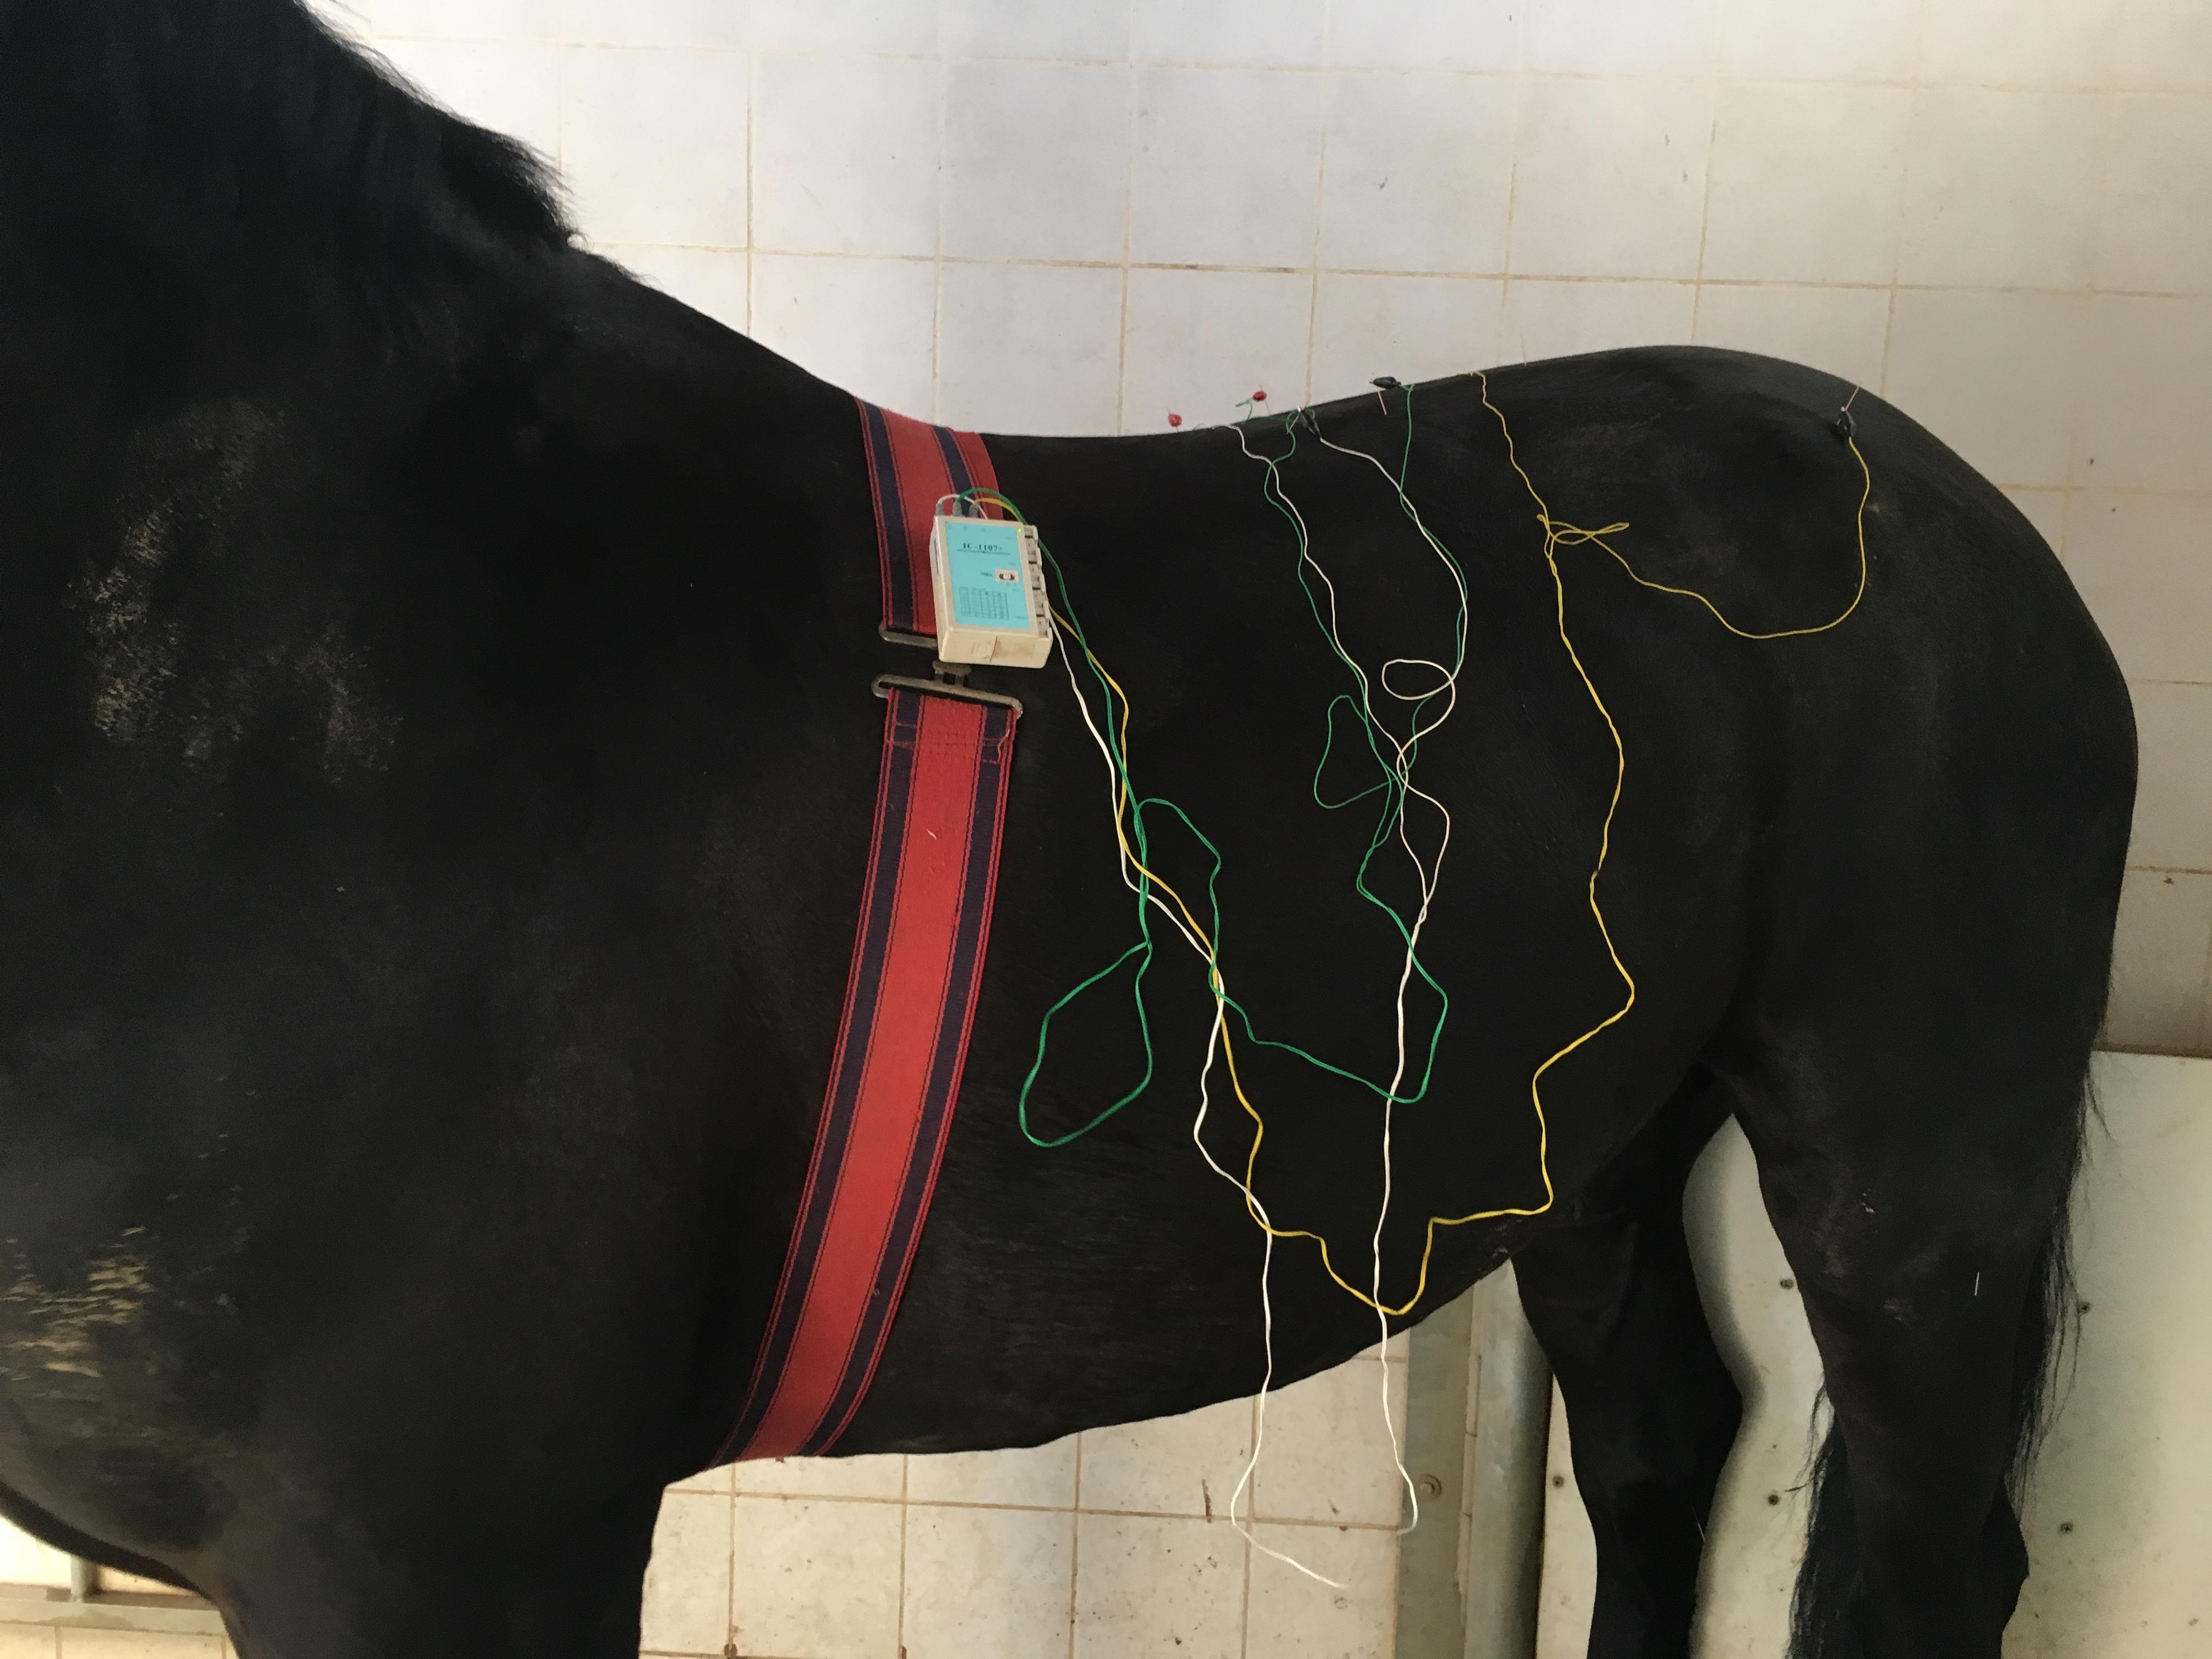 Agopuntura per alleviare i dolori alla schiena